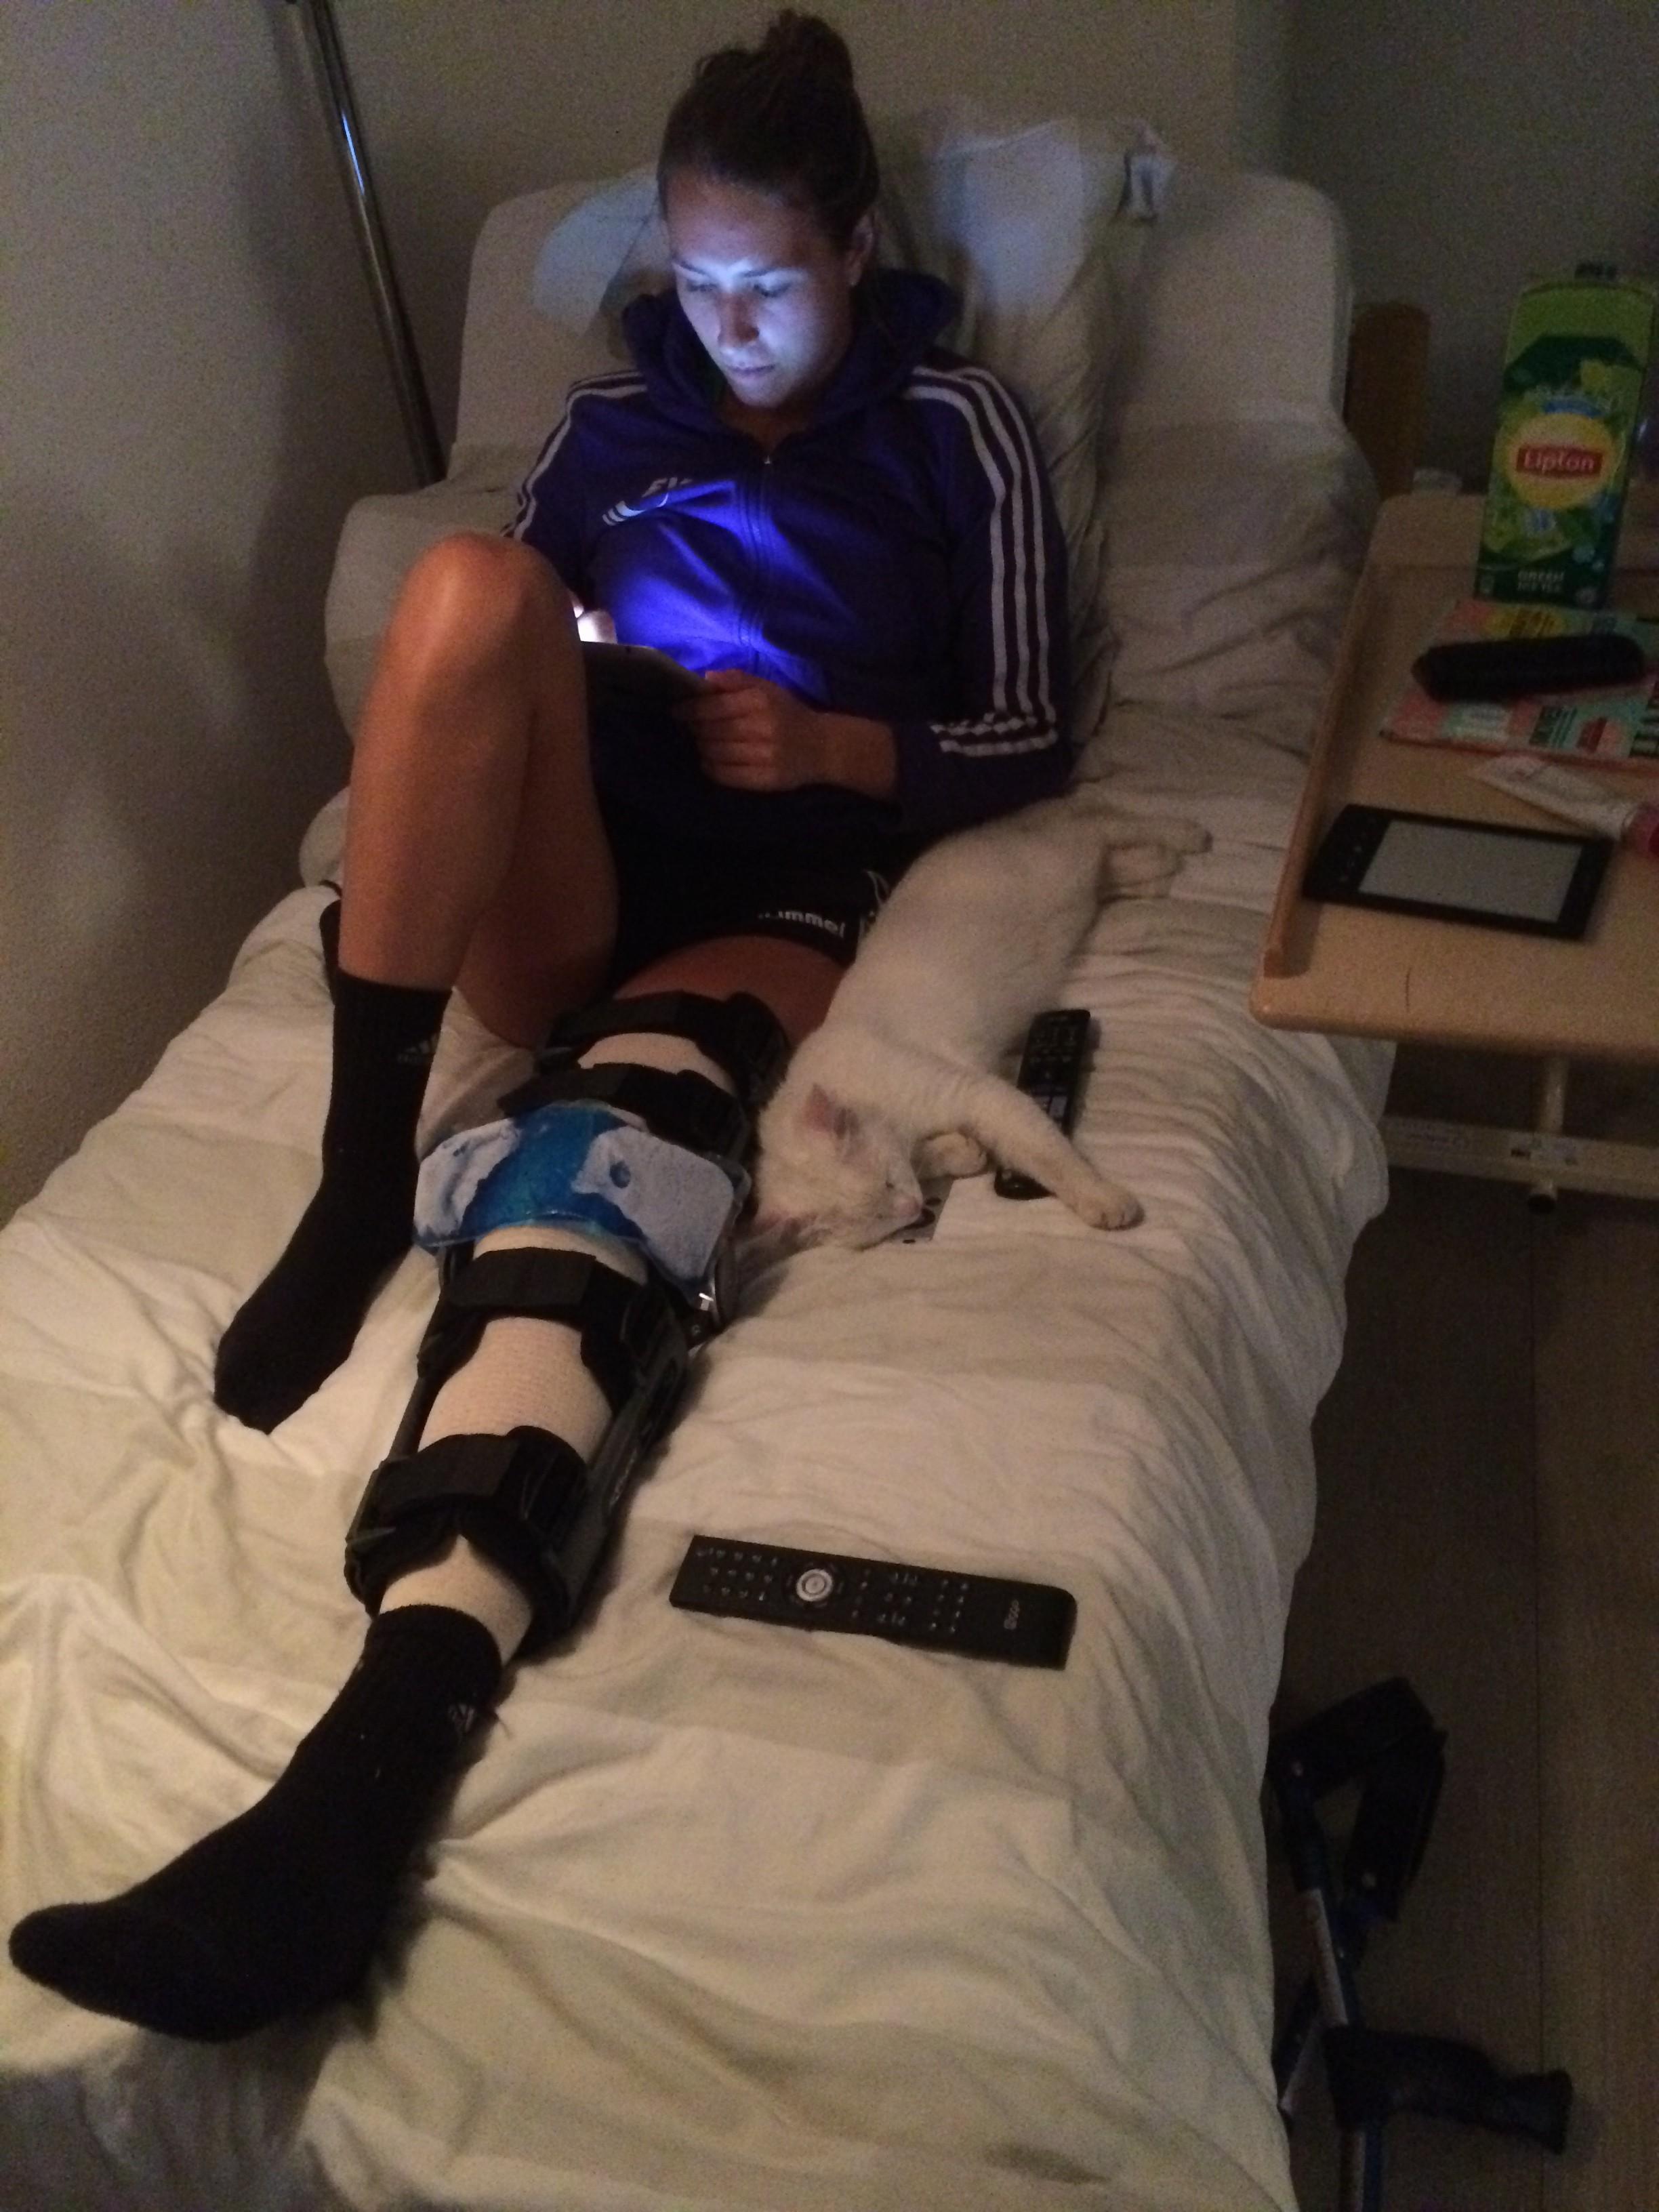 operatie kruisband knie